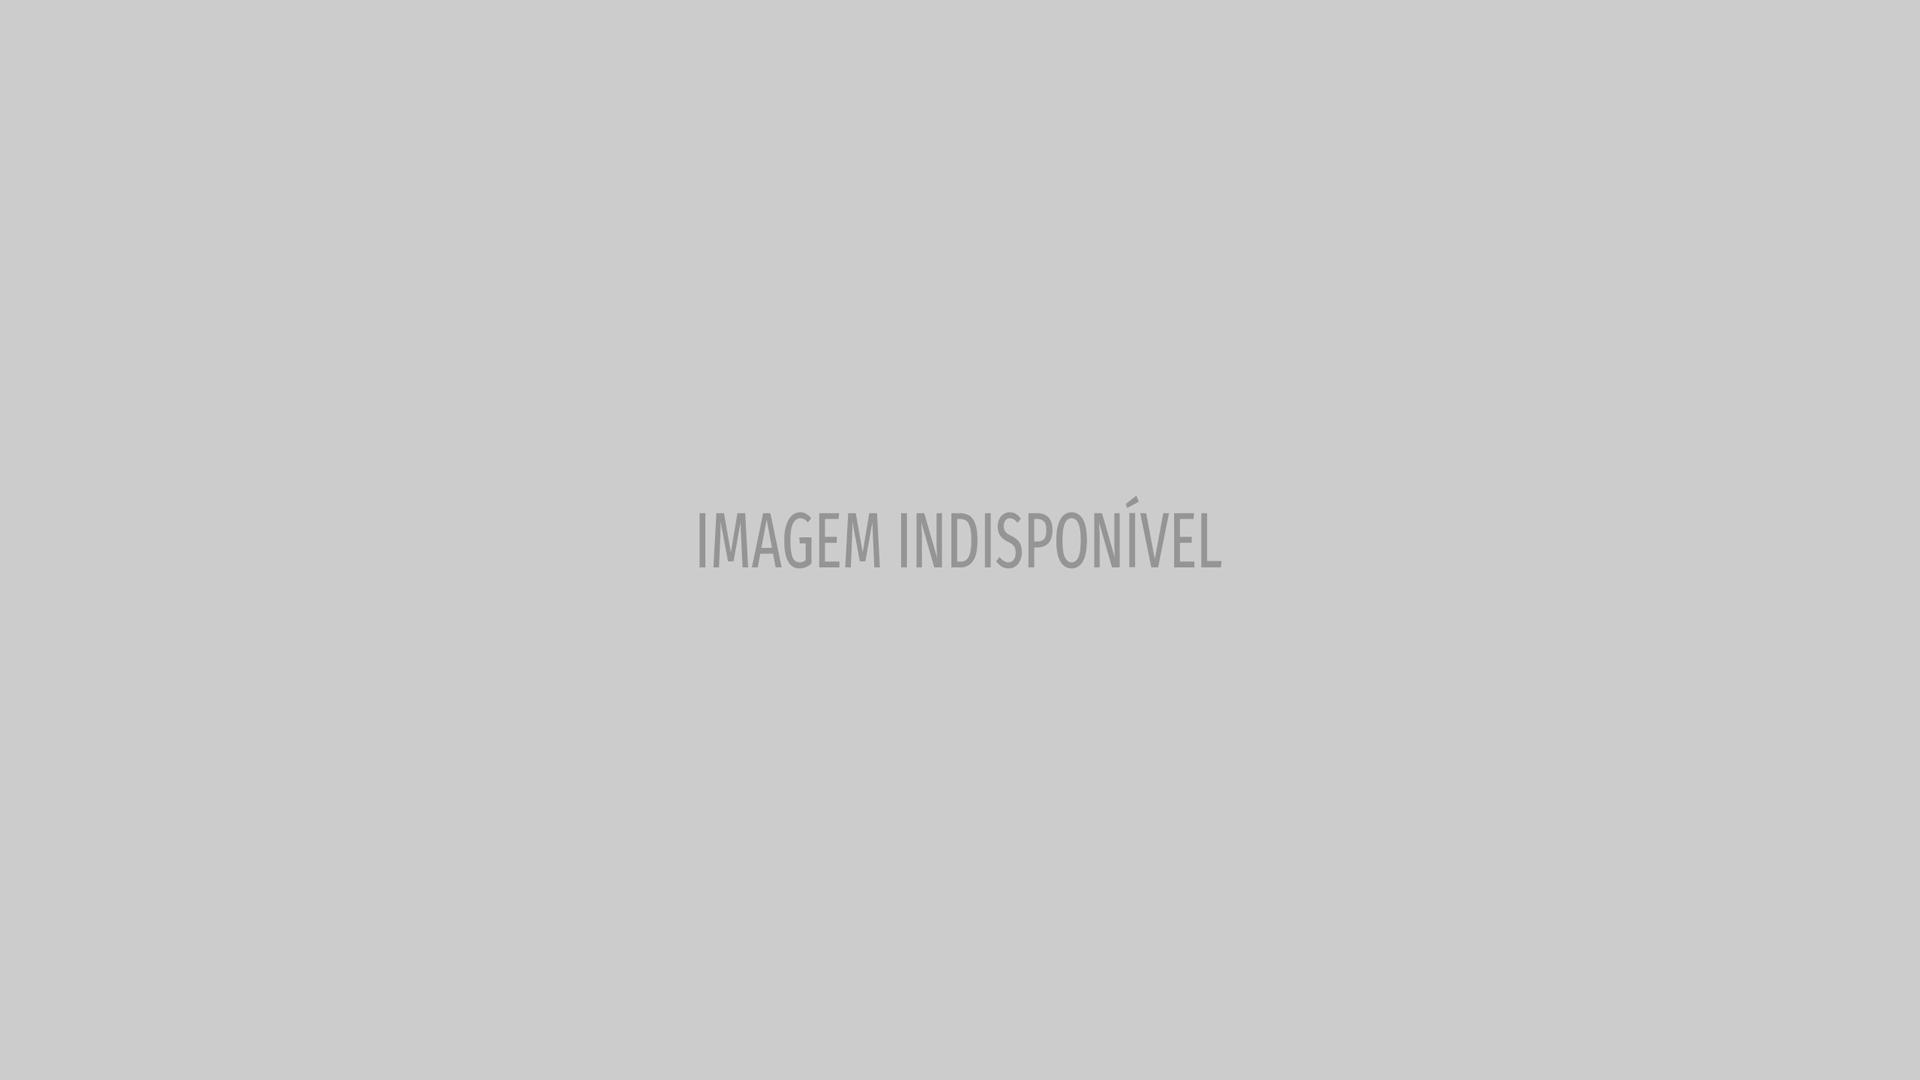 Namoro assumido: Carolina Loureiro ao lado do novo namorado no Instagram